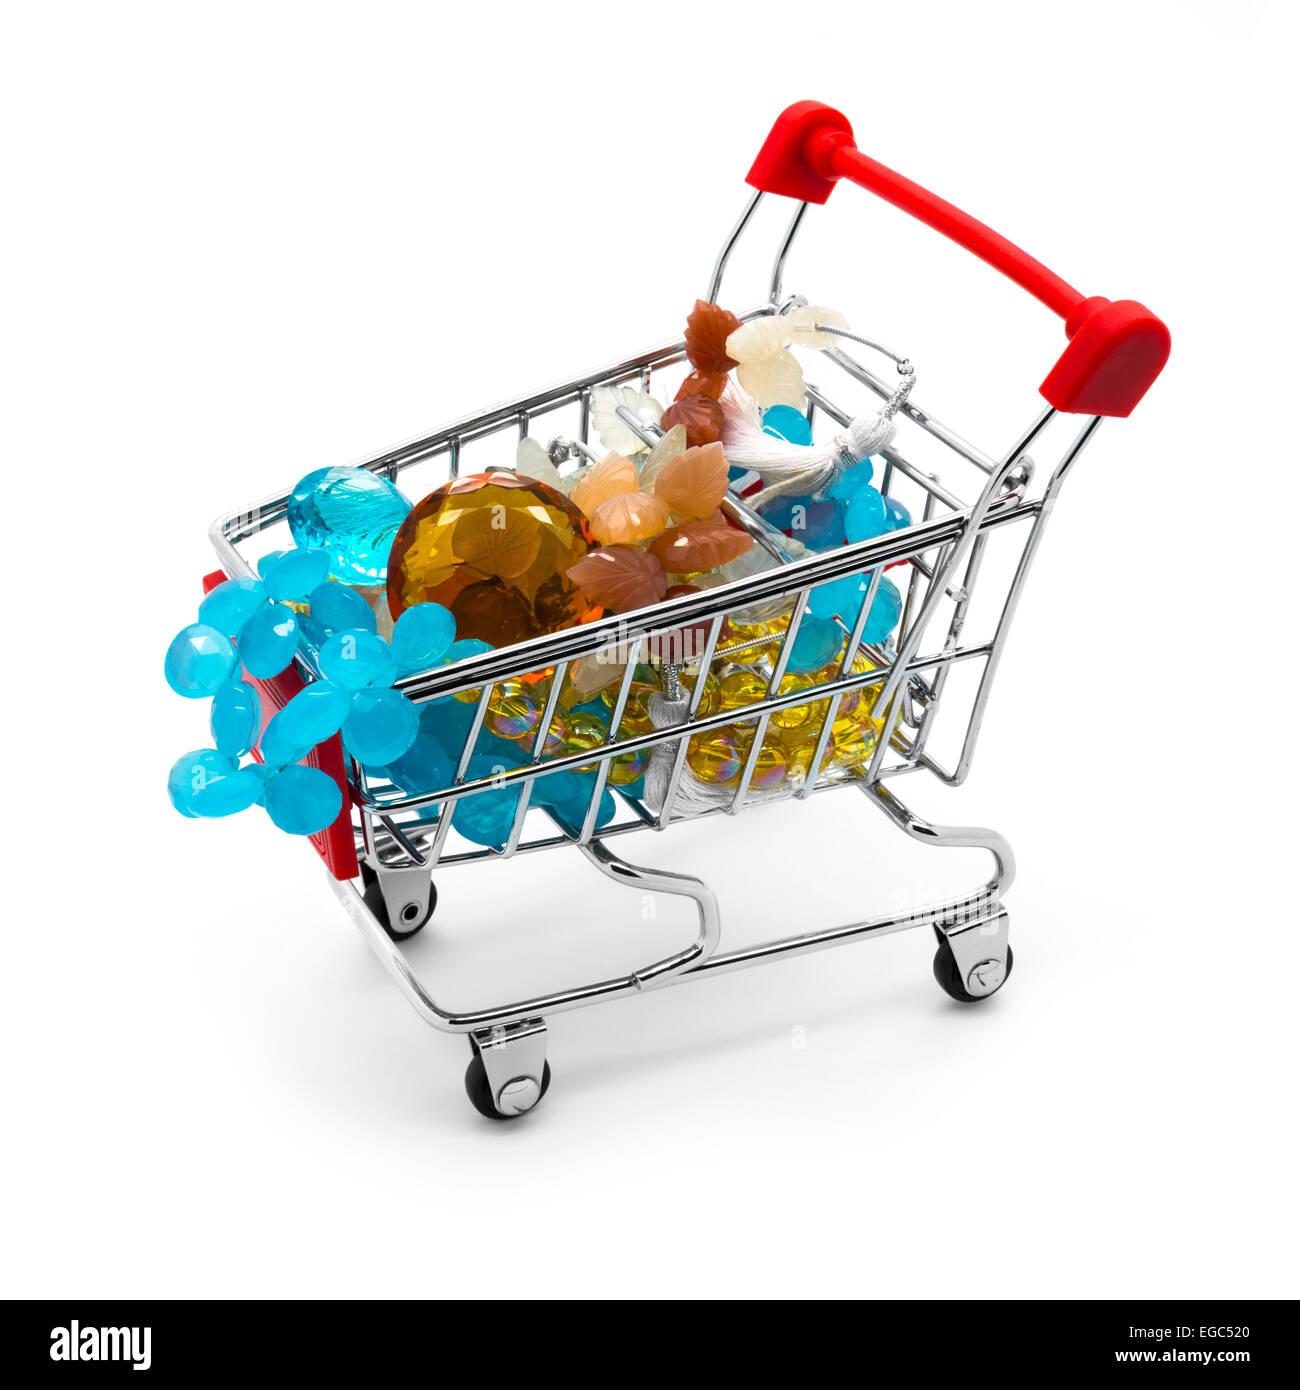 Shopping cart with gemstone beads. White background. - Stock Image